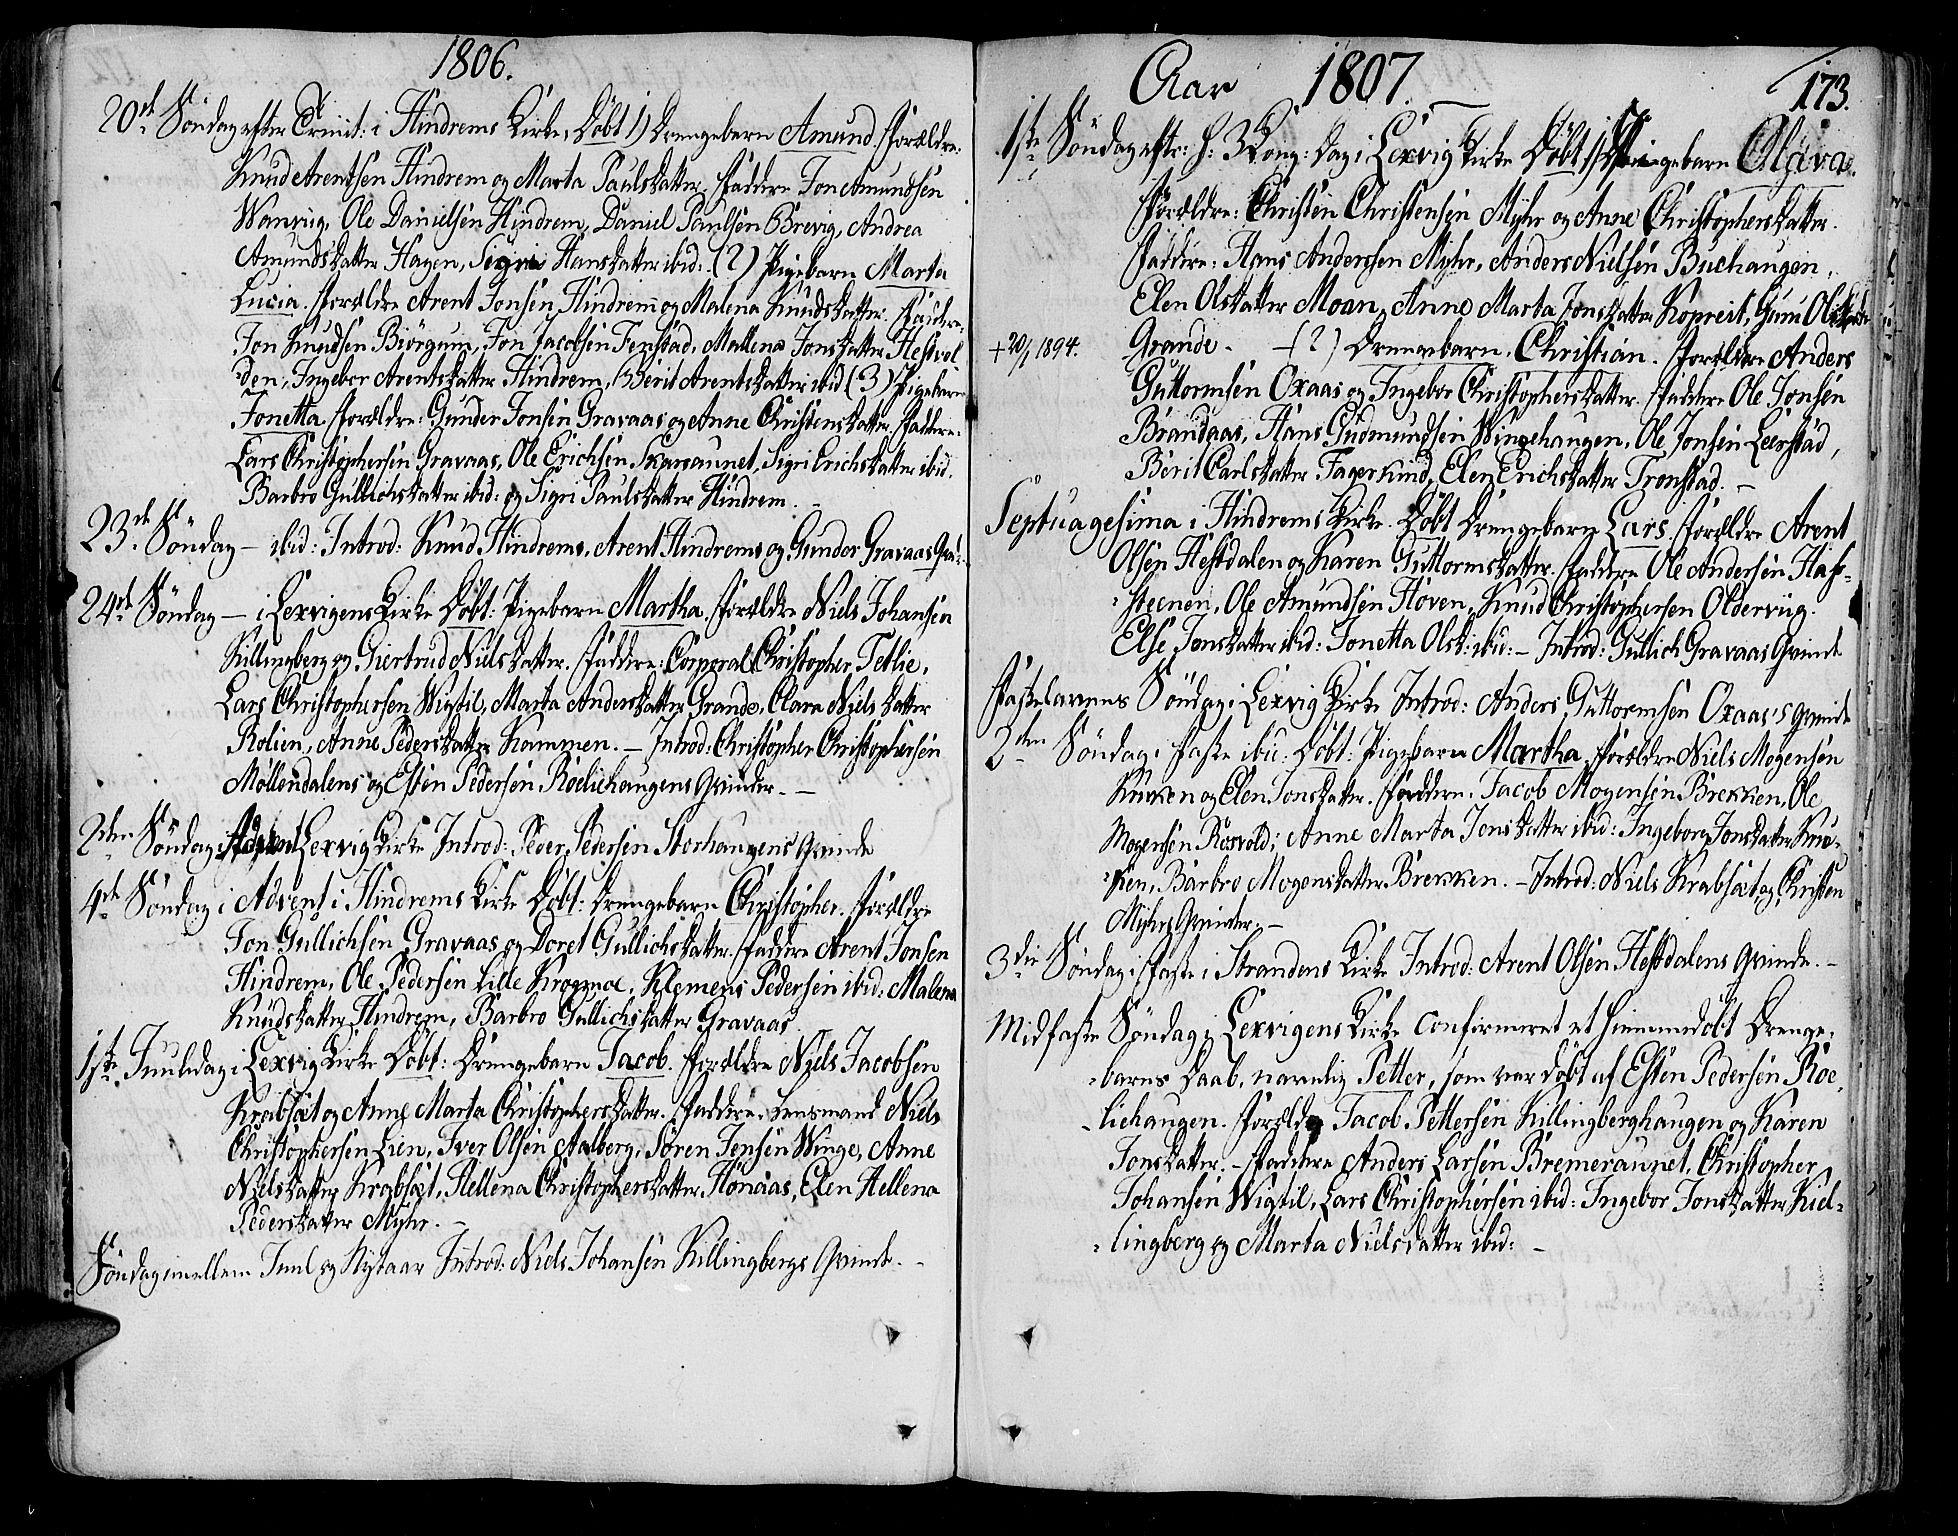 SAT, Ministerialprotokoller, klokkerbøker og fødselsregistre - Nord-Trøndelag, 701/L0004: Ministerialbok nr. 701A04, 1783-1816, s. 173